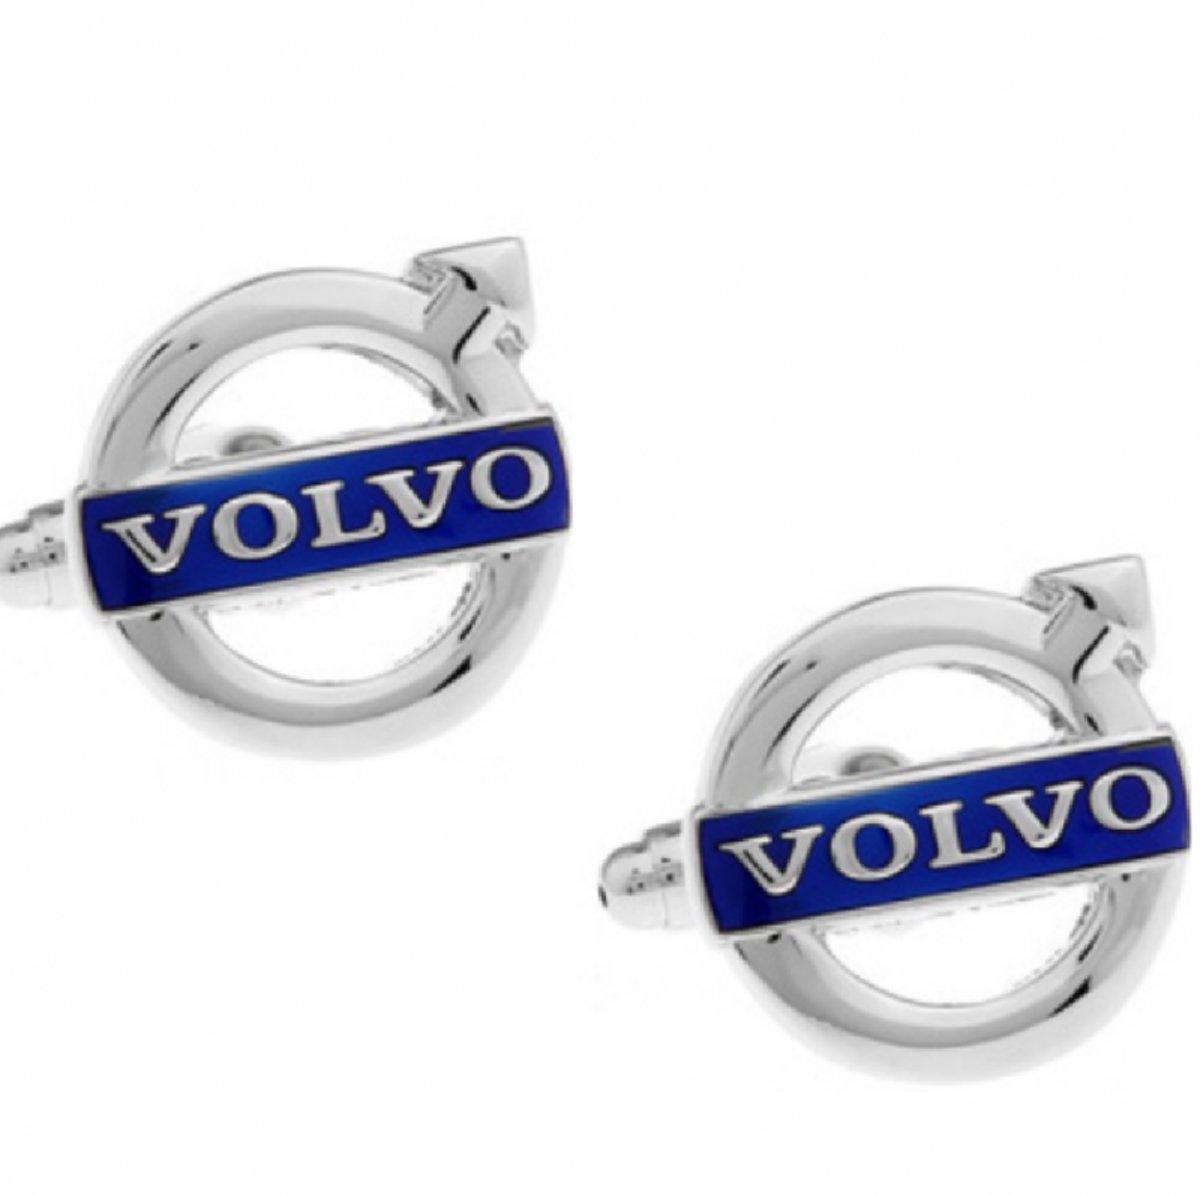 Volvo Manchetknopen zilver kopen